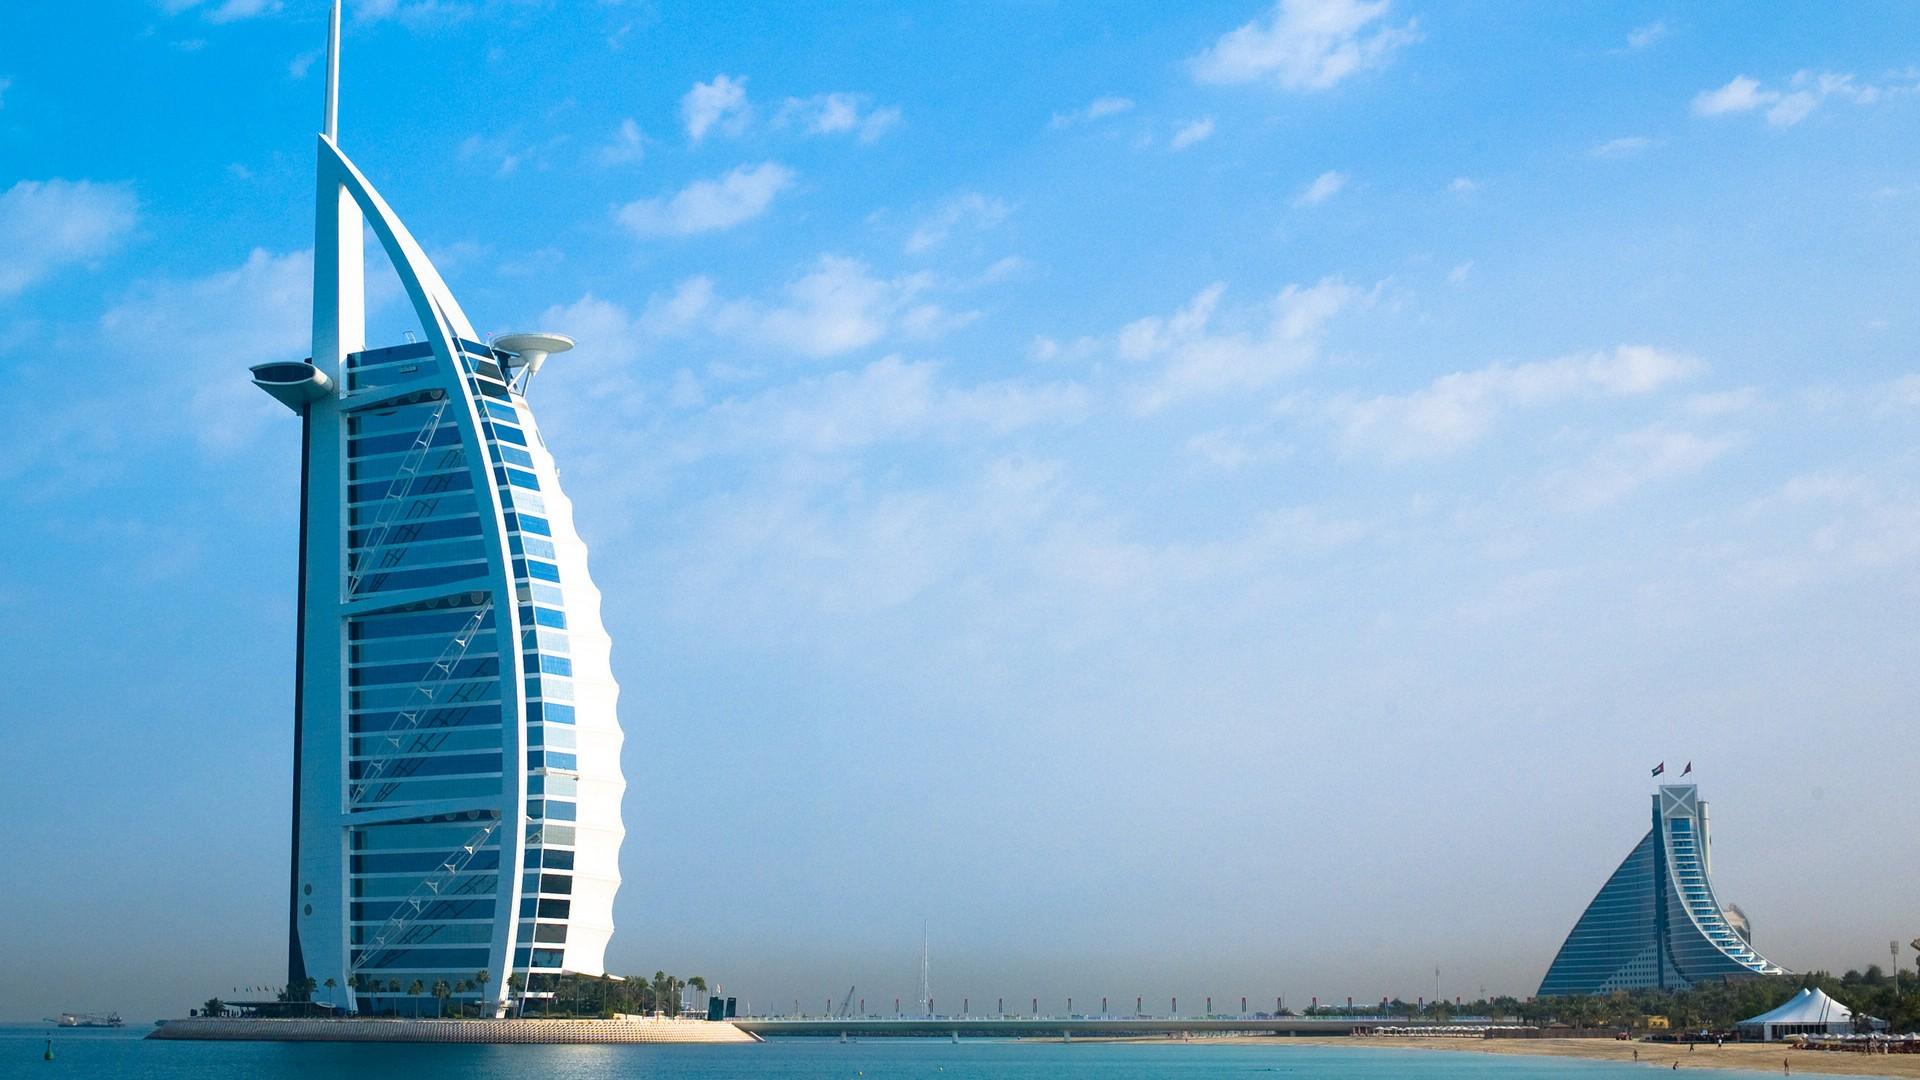 繁华的迪拜城市景色高清图片   素材中国16素材